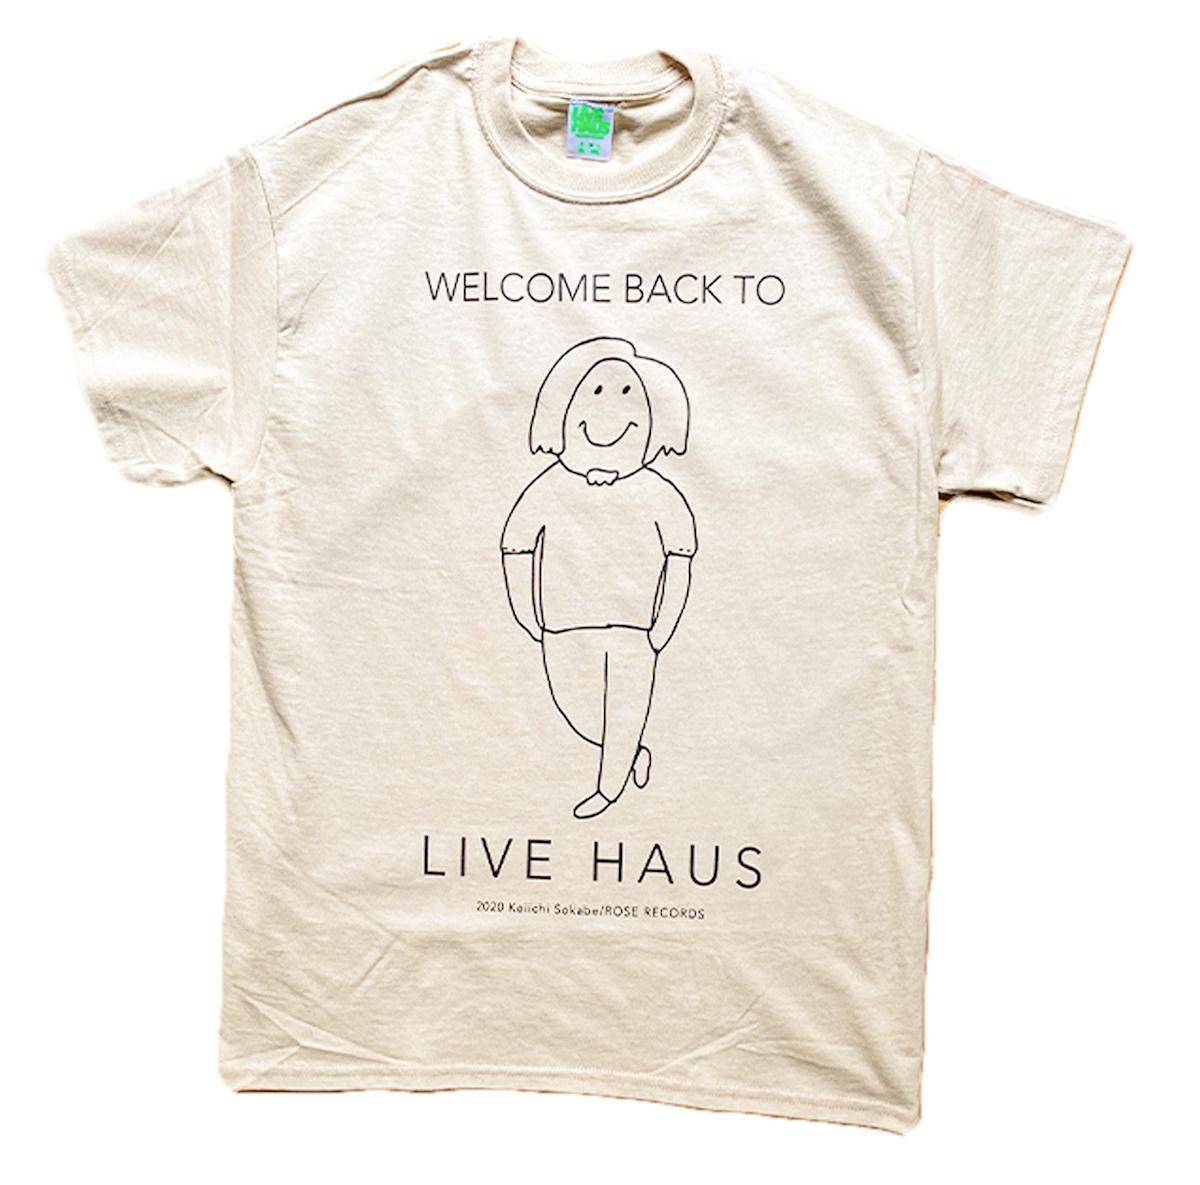 曽我部恵一さんデザインのTシャツ